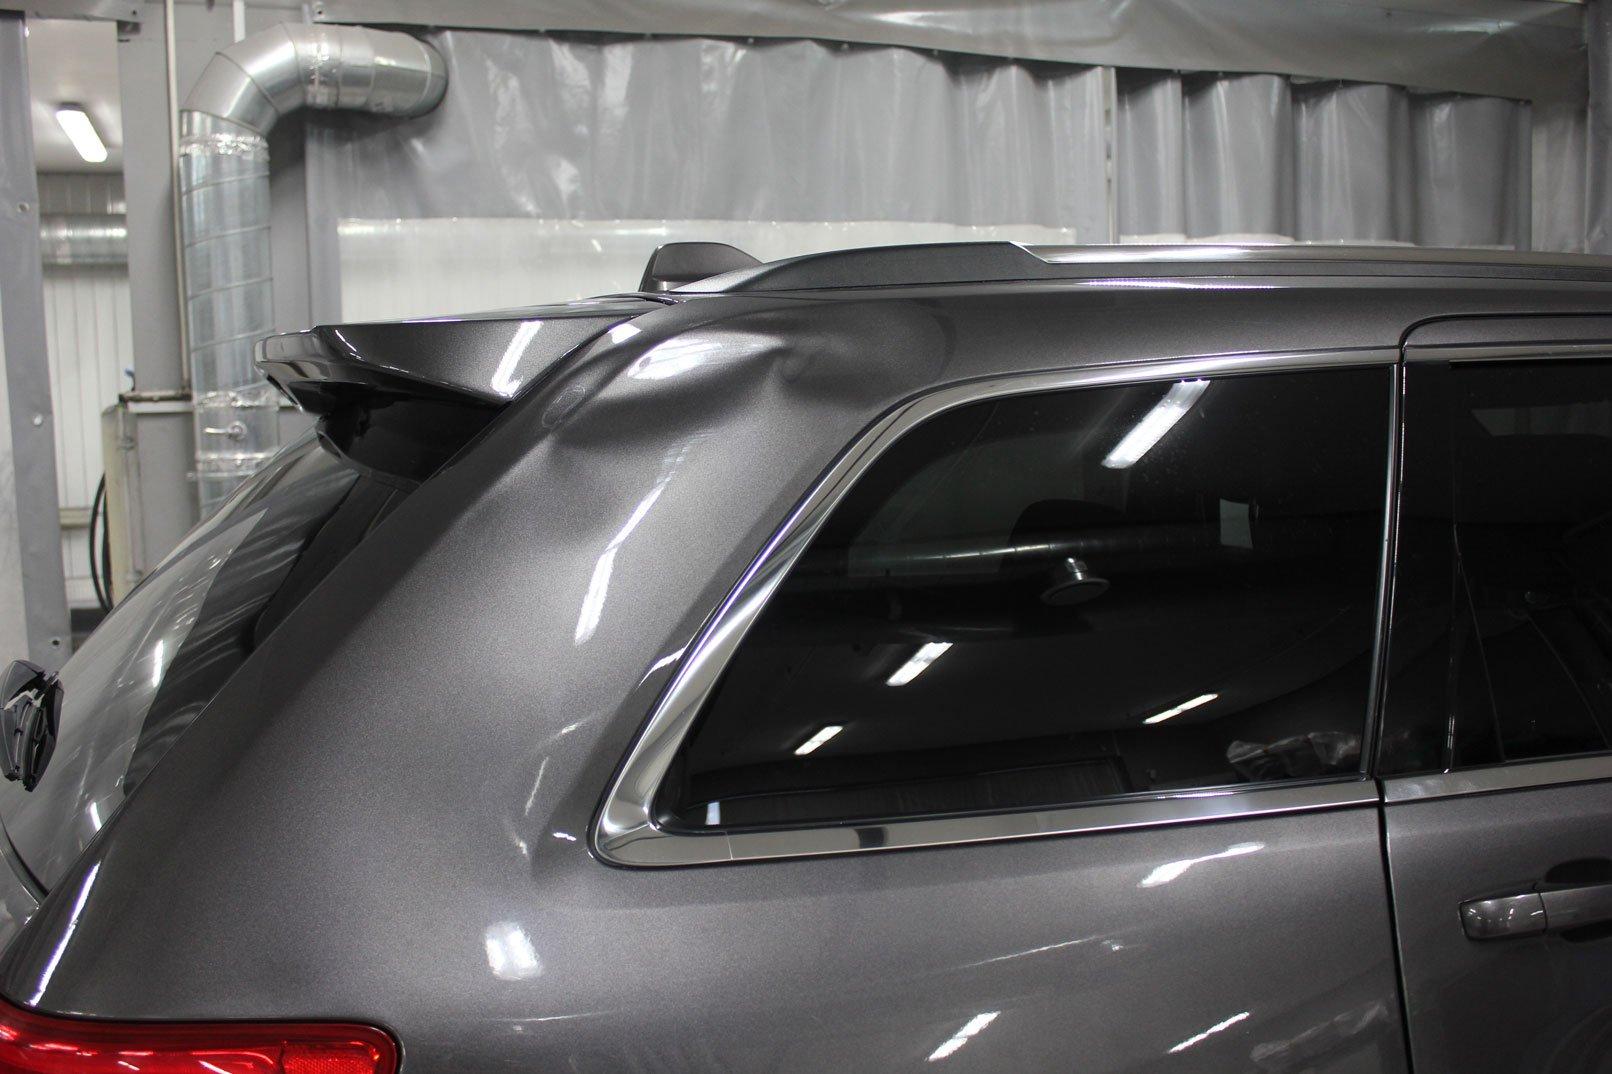 вмятина на арке машины